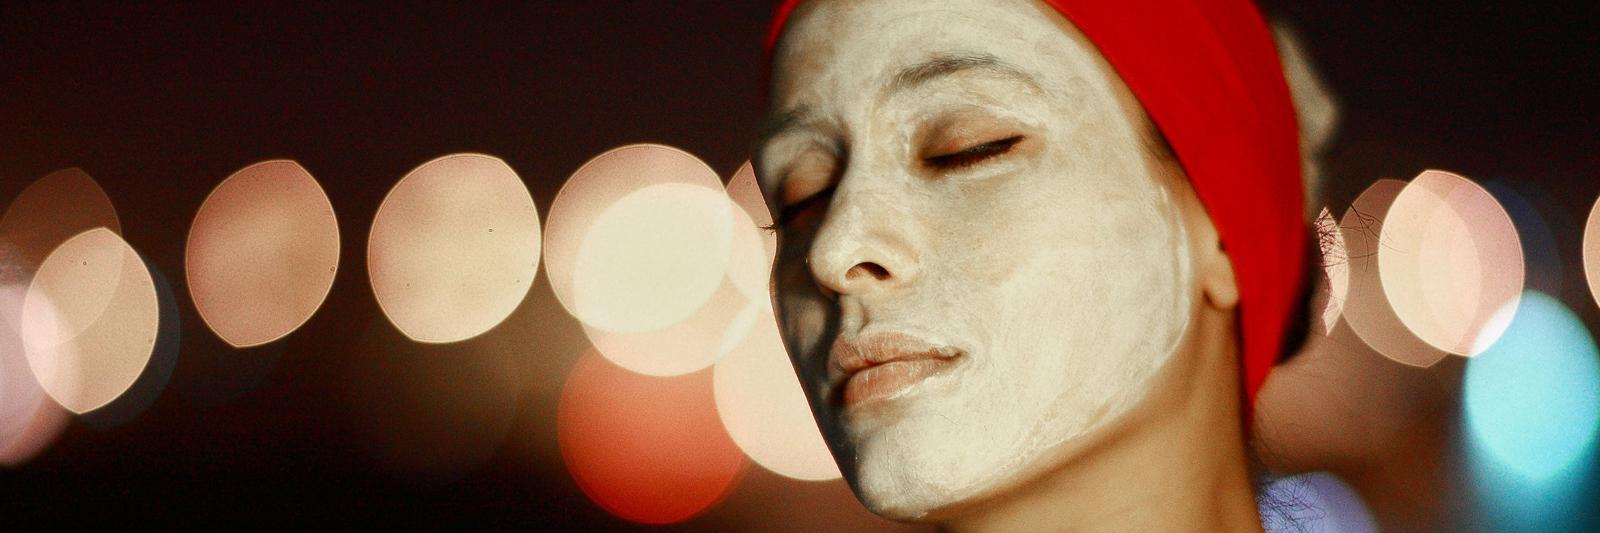 Få en ansigtsbehandling med produkter af højeste kvalitet og håndværk der virker